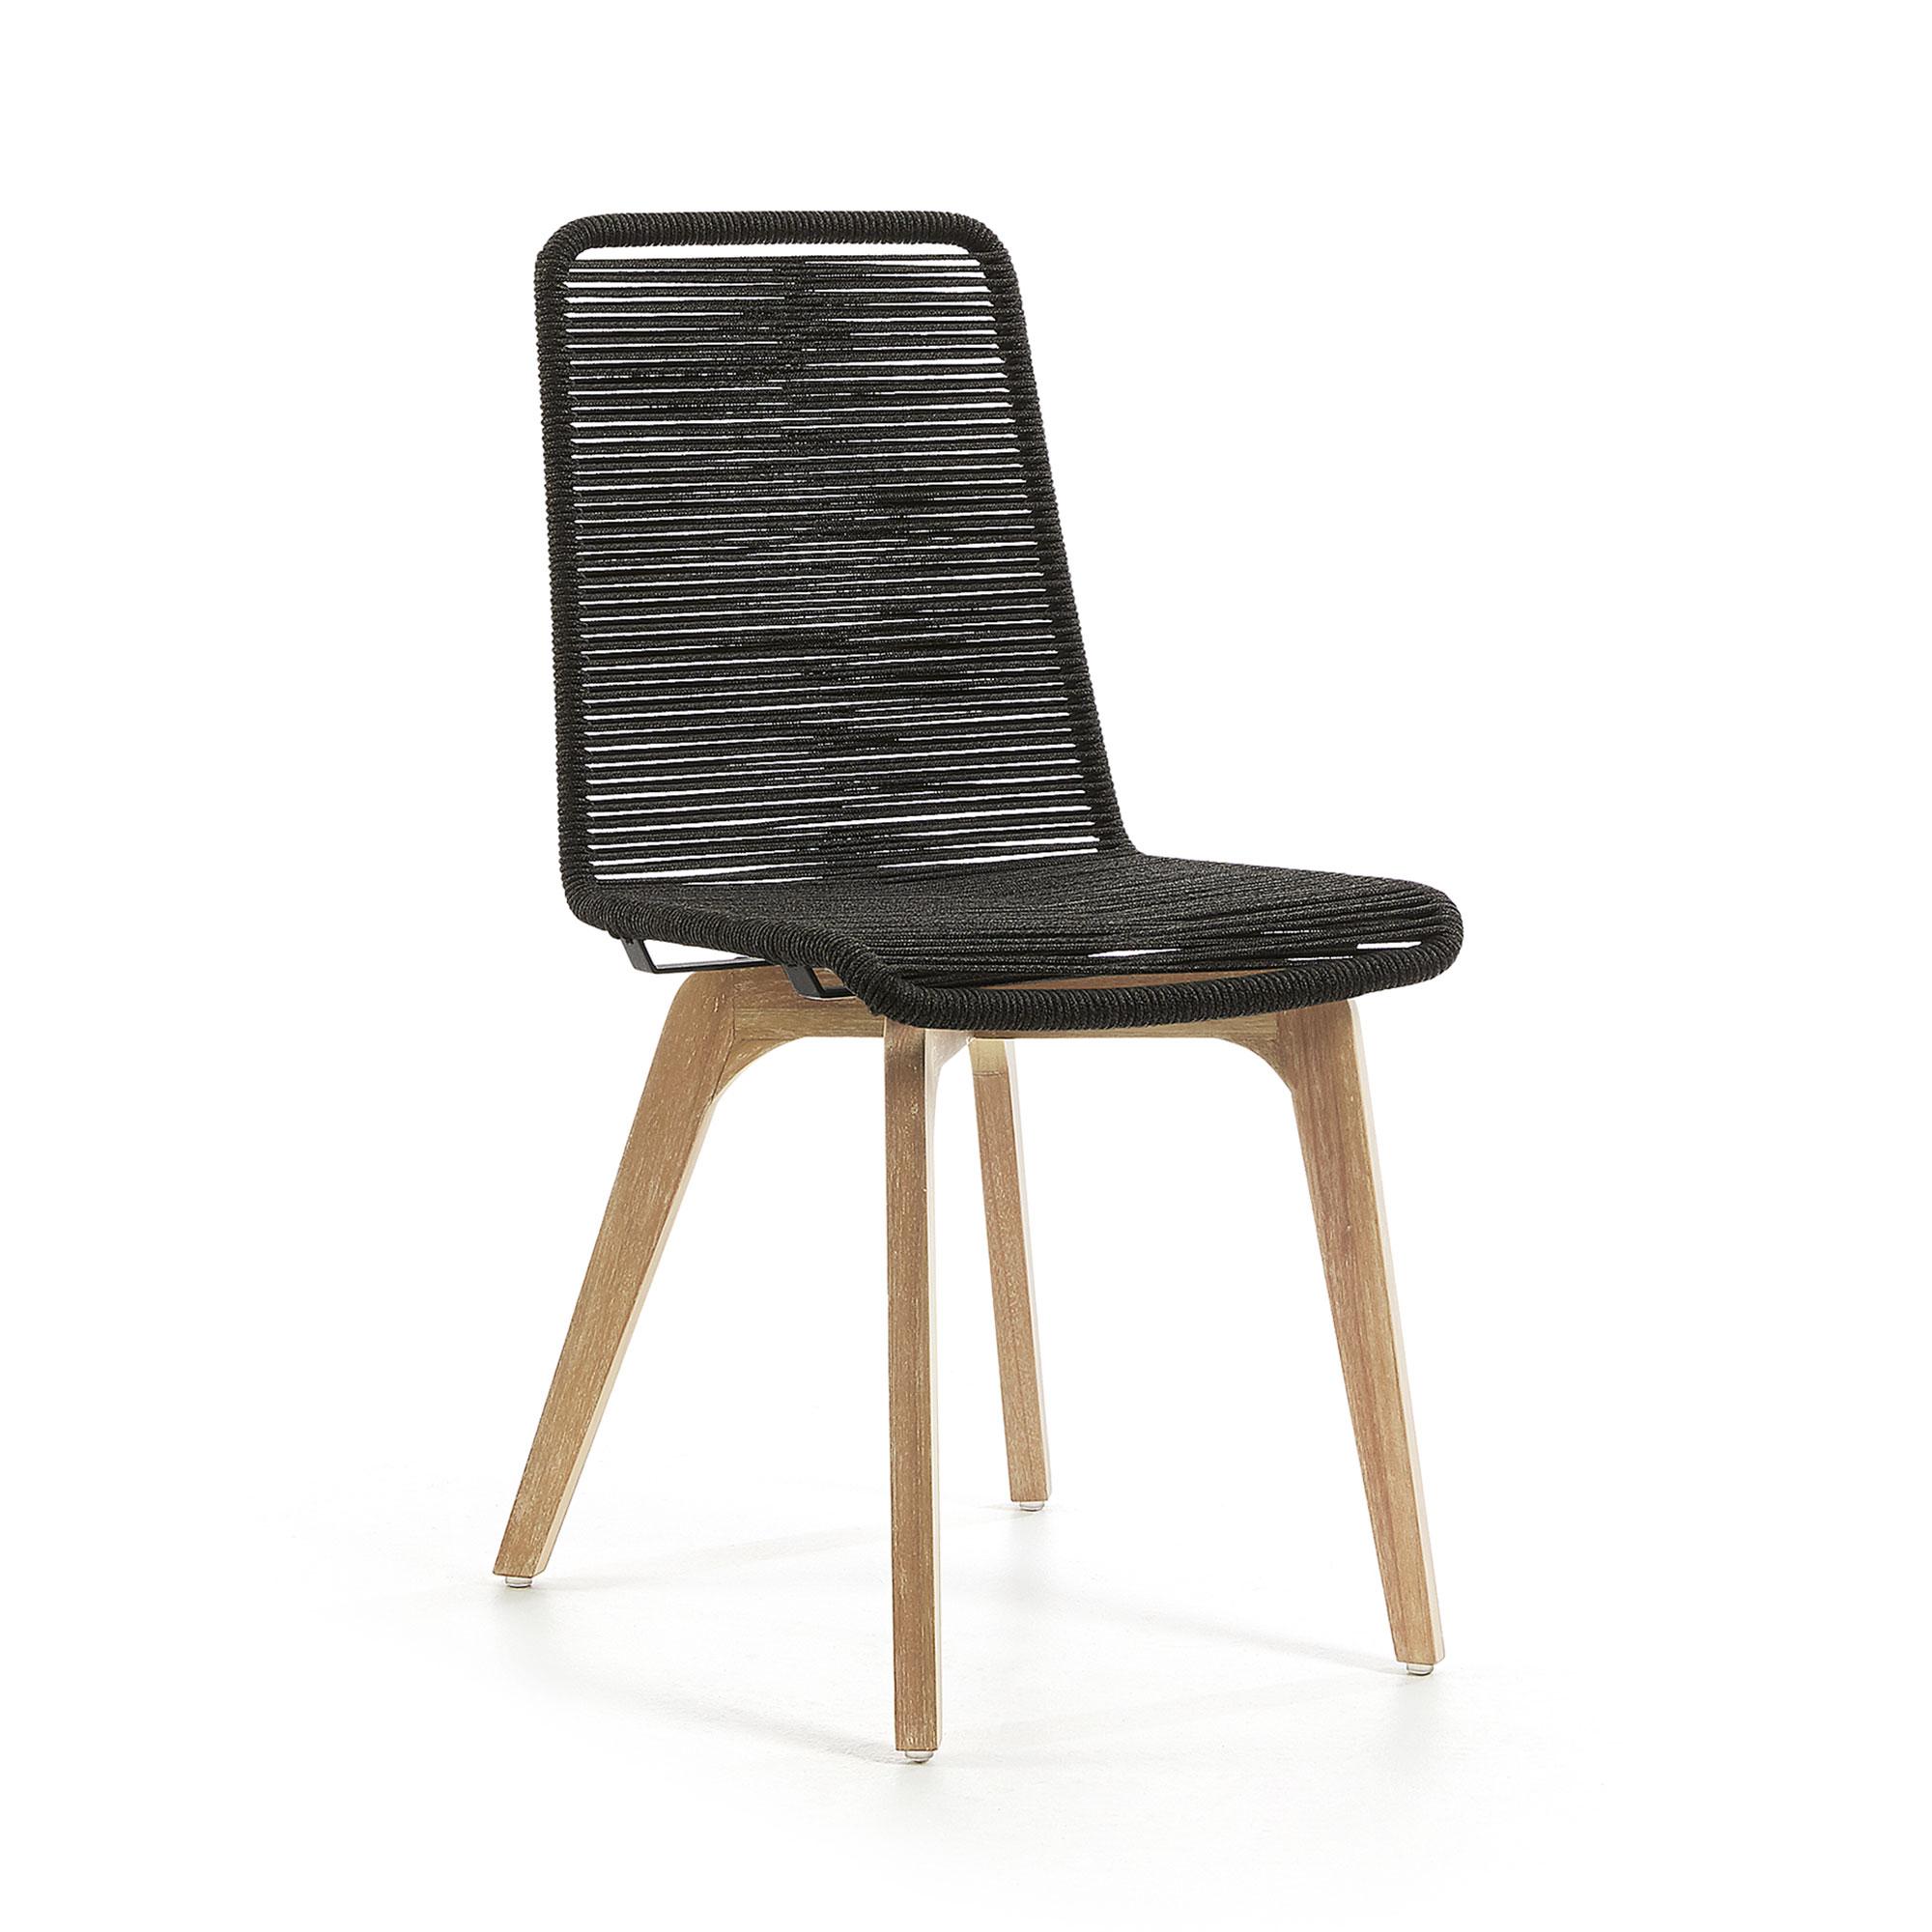 LaForma - Glendon Spisebordsstol - Natur/mørk grå LaForma